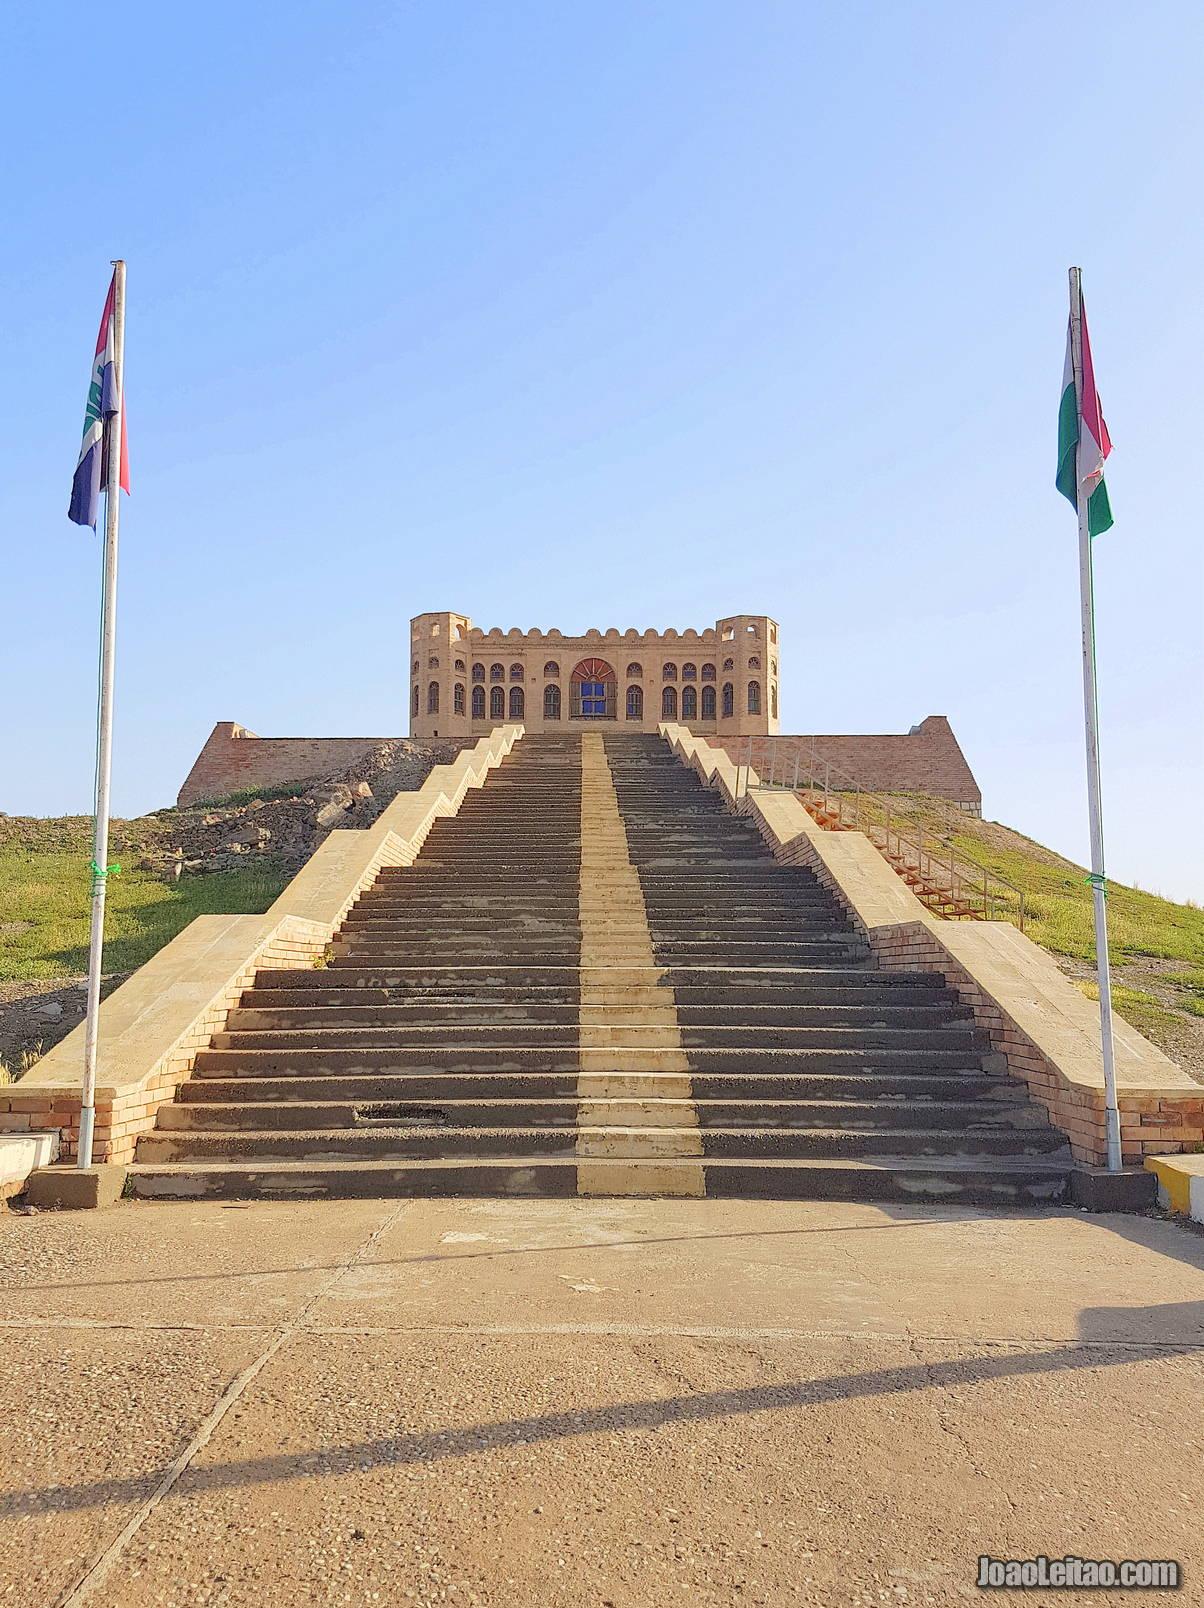 Visit Kalar in Iraqi Kurdistan